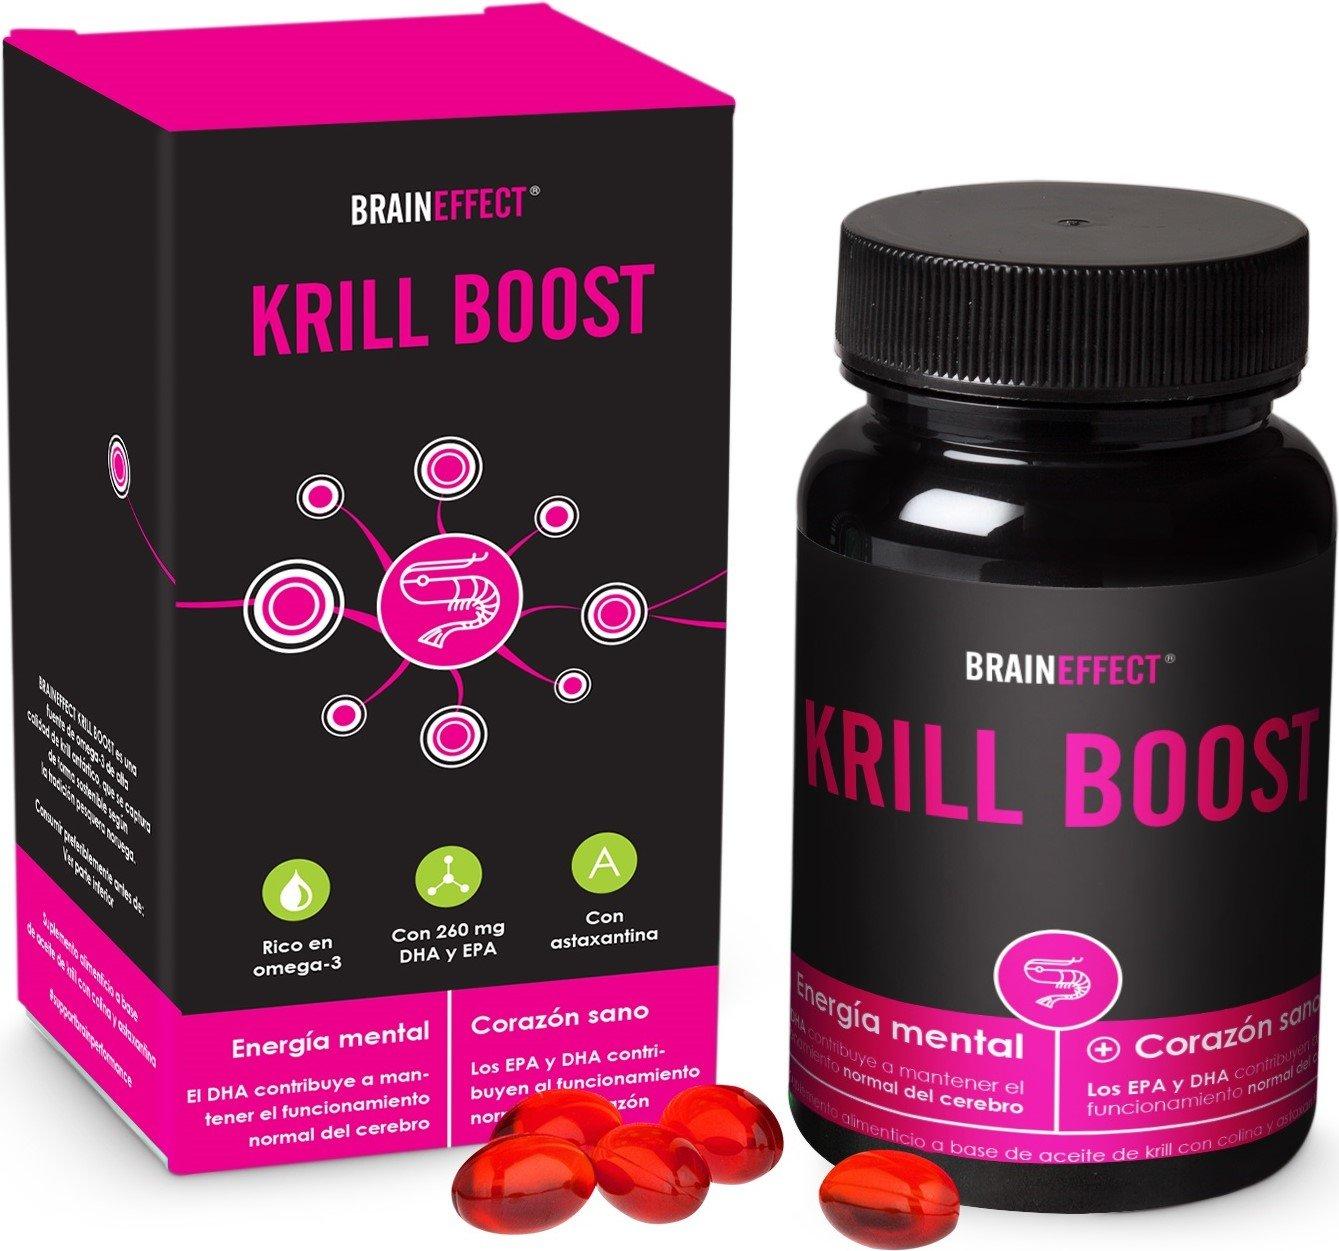 BRAINEFFECT KRILL BOOST | 1180mg por porción | 60 cápsulas | Omega 3 rico en EPA, DHA y astaxantina | Puro aceite de krill ártico procedente de capturas ...